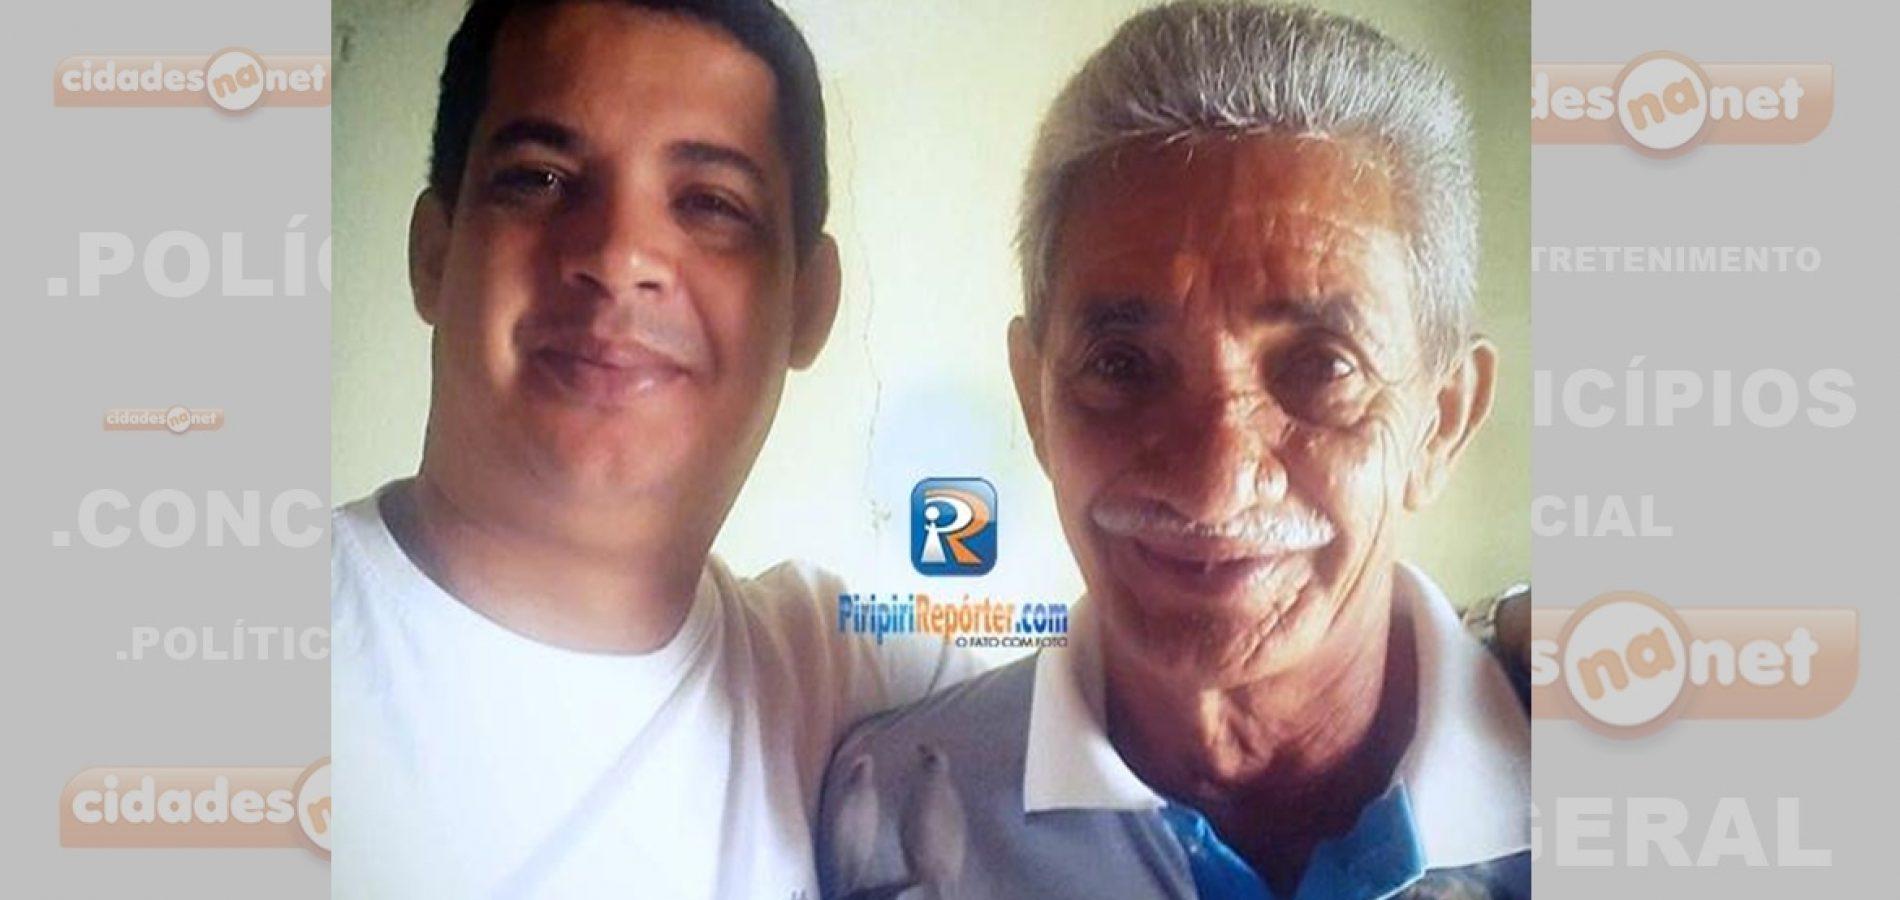 Pai de vereador é assassinado com tiro de espingarda no Piauí